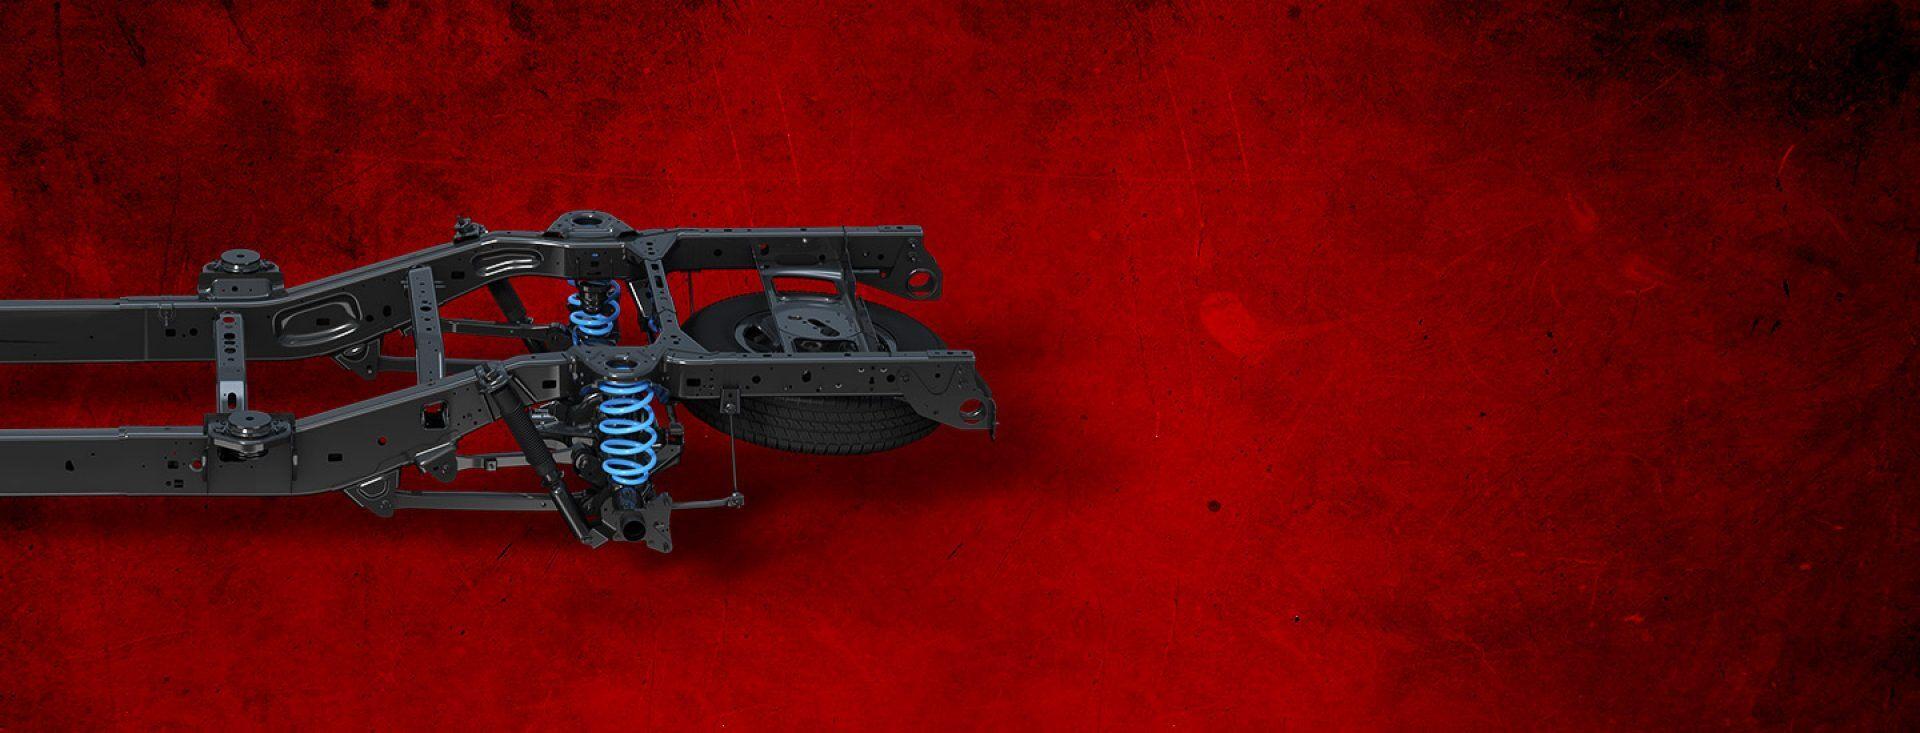 Nueva Ram 15002019 con chasis de acero de alta resistencia